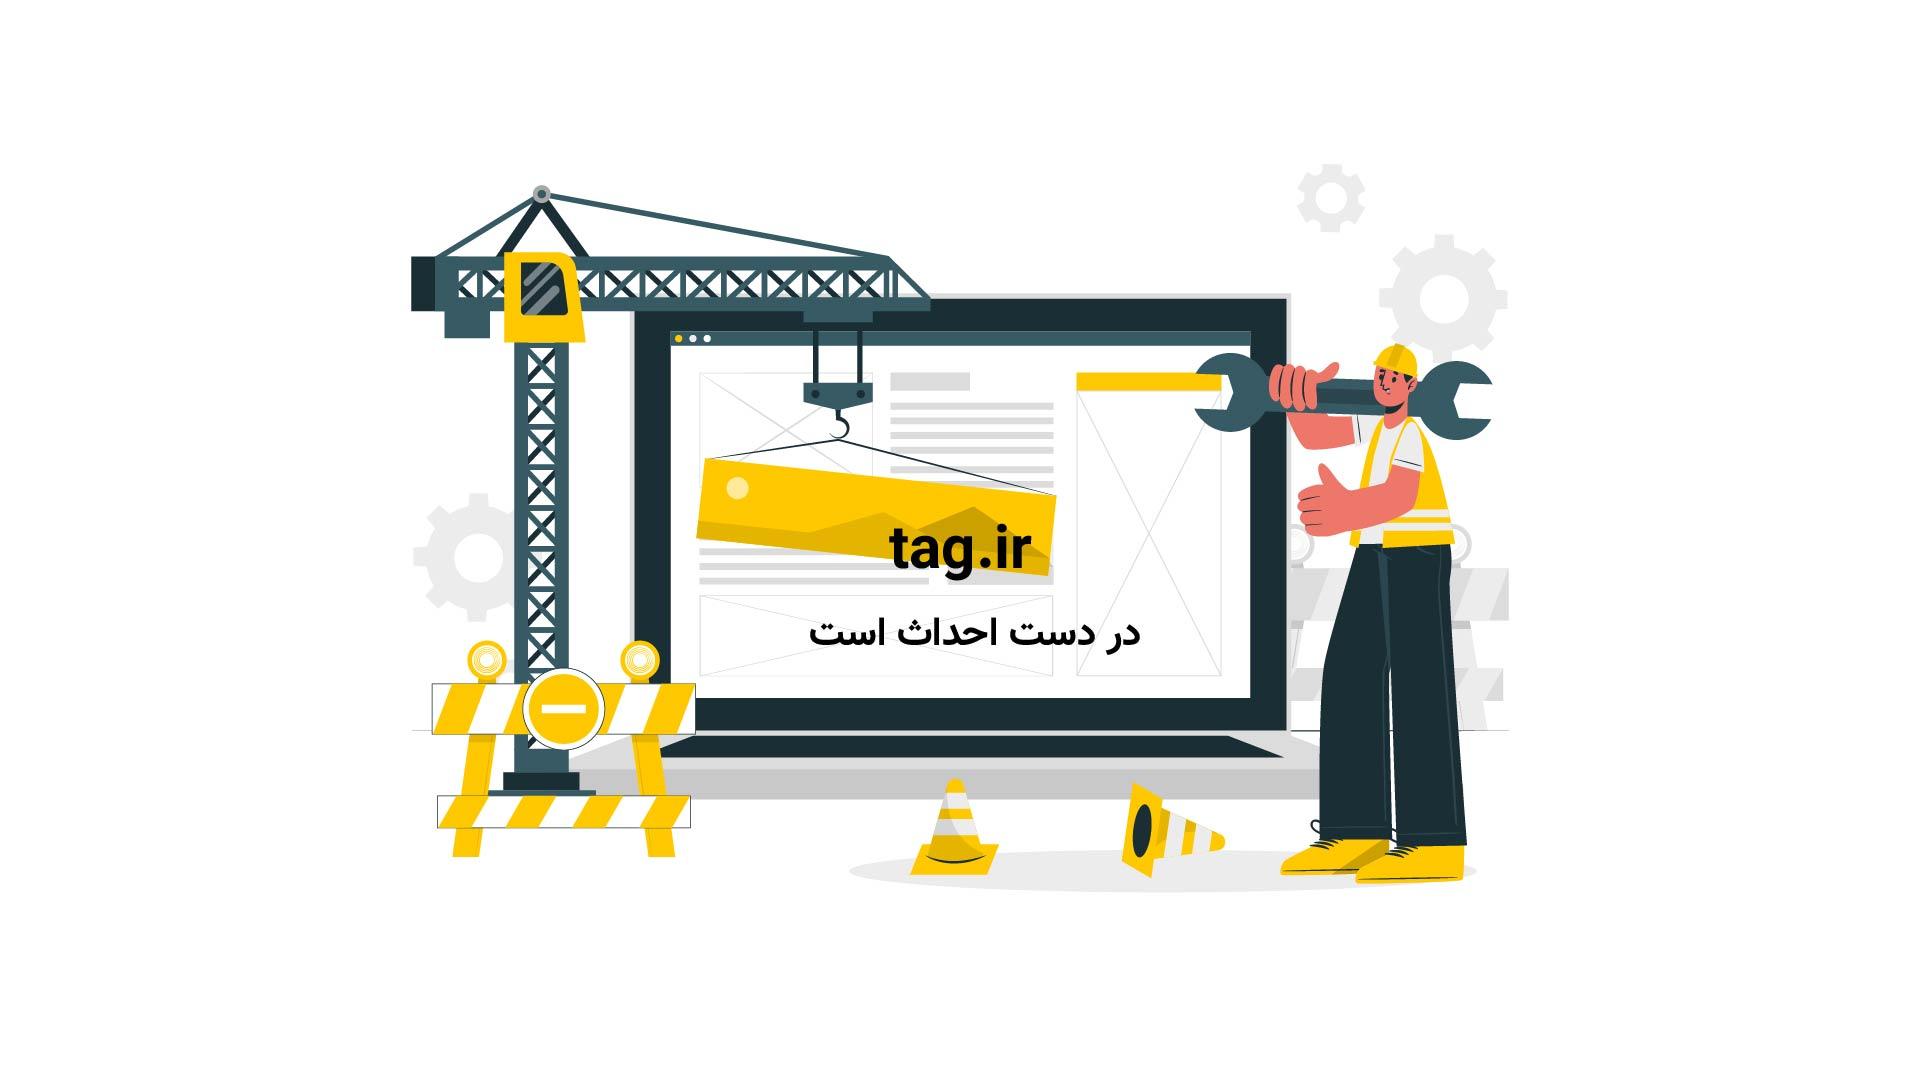 نکات بهداشتی که در پیاده روی اربعین باید رعایت کنید | فیلم